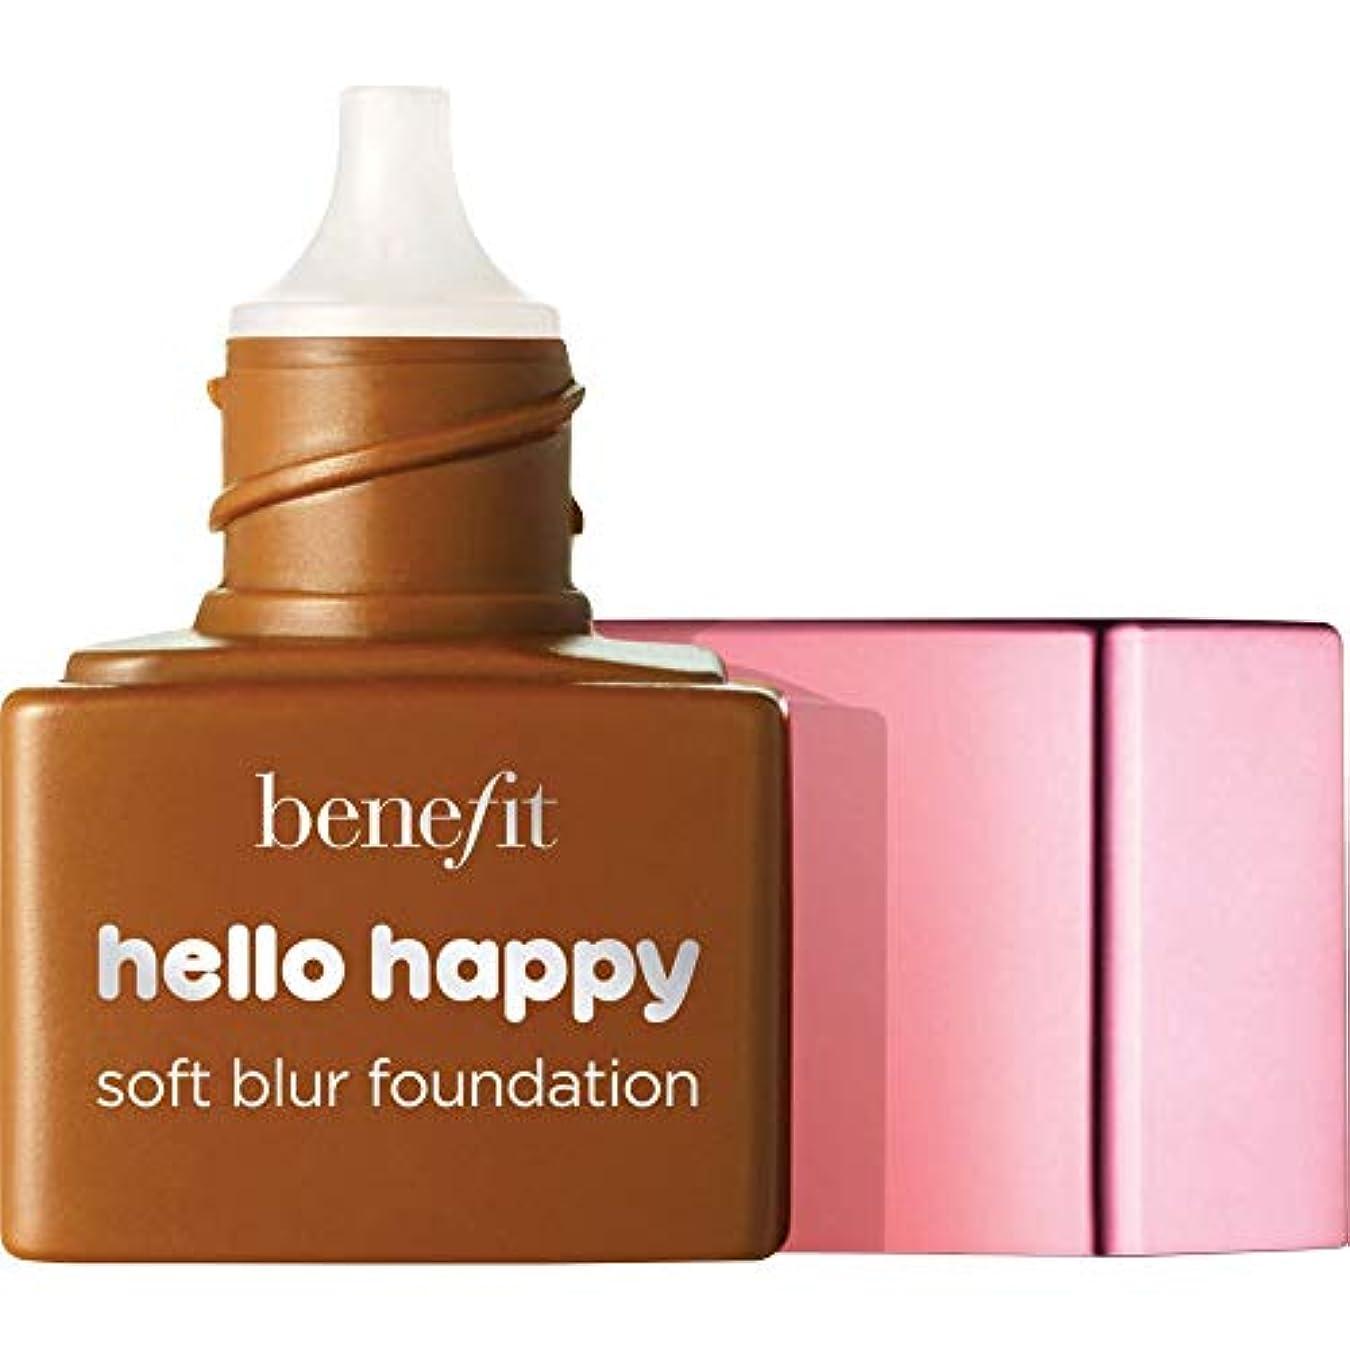 始める車識字[Benefit ] ミニ9 - - ハロー幸せソフトブラー基礎Spf15の6ミリリットルの利益中立深いです - Benefit Hello Happy Soft Blur Foundation SPF15 6ml -...